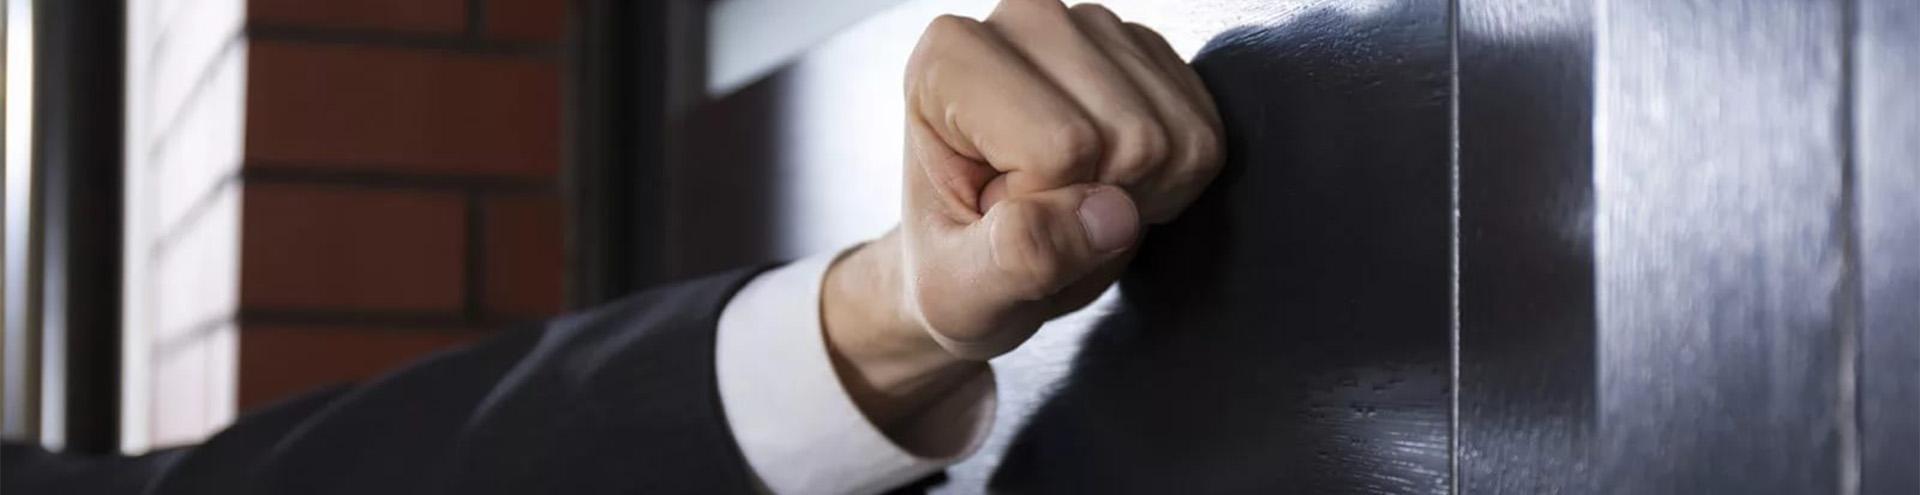 защита заемщика от коллекторов в Ижевске и Удмуртской Республике